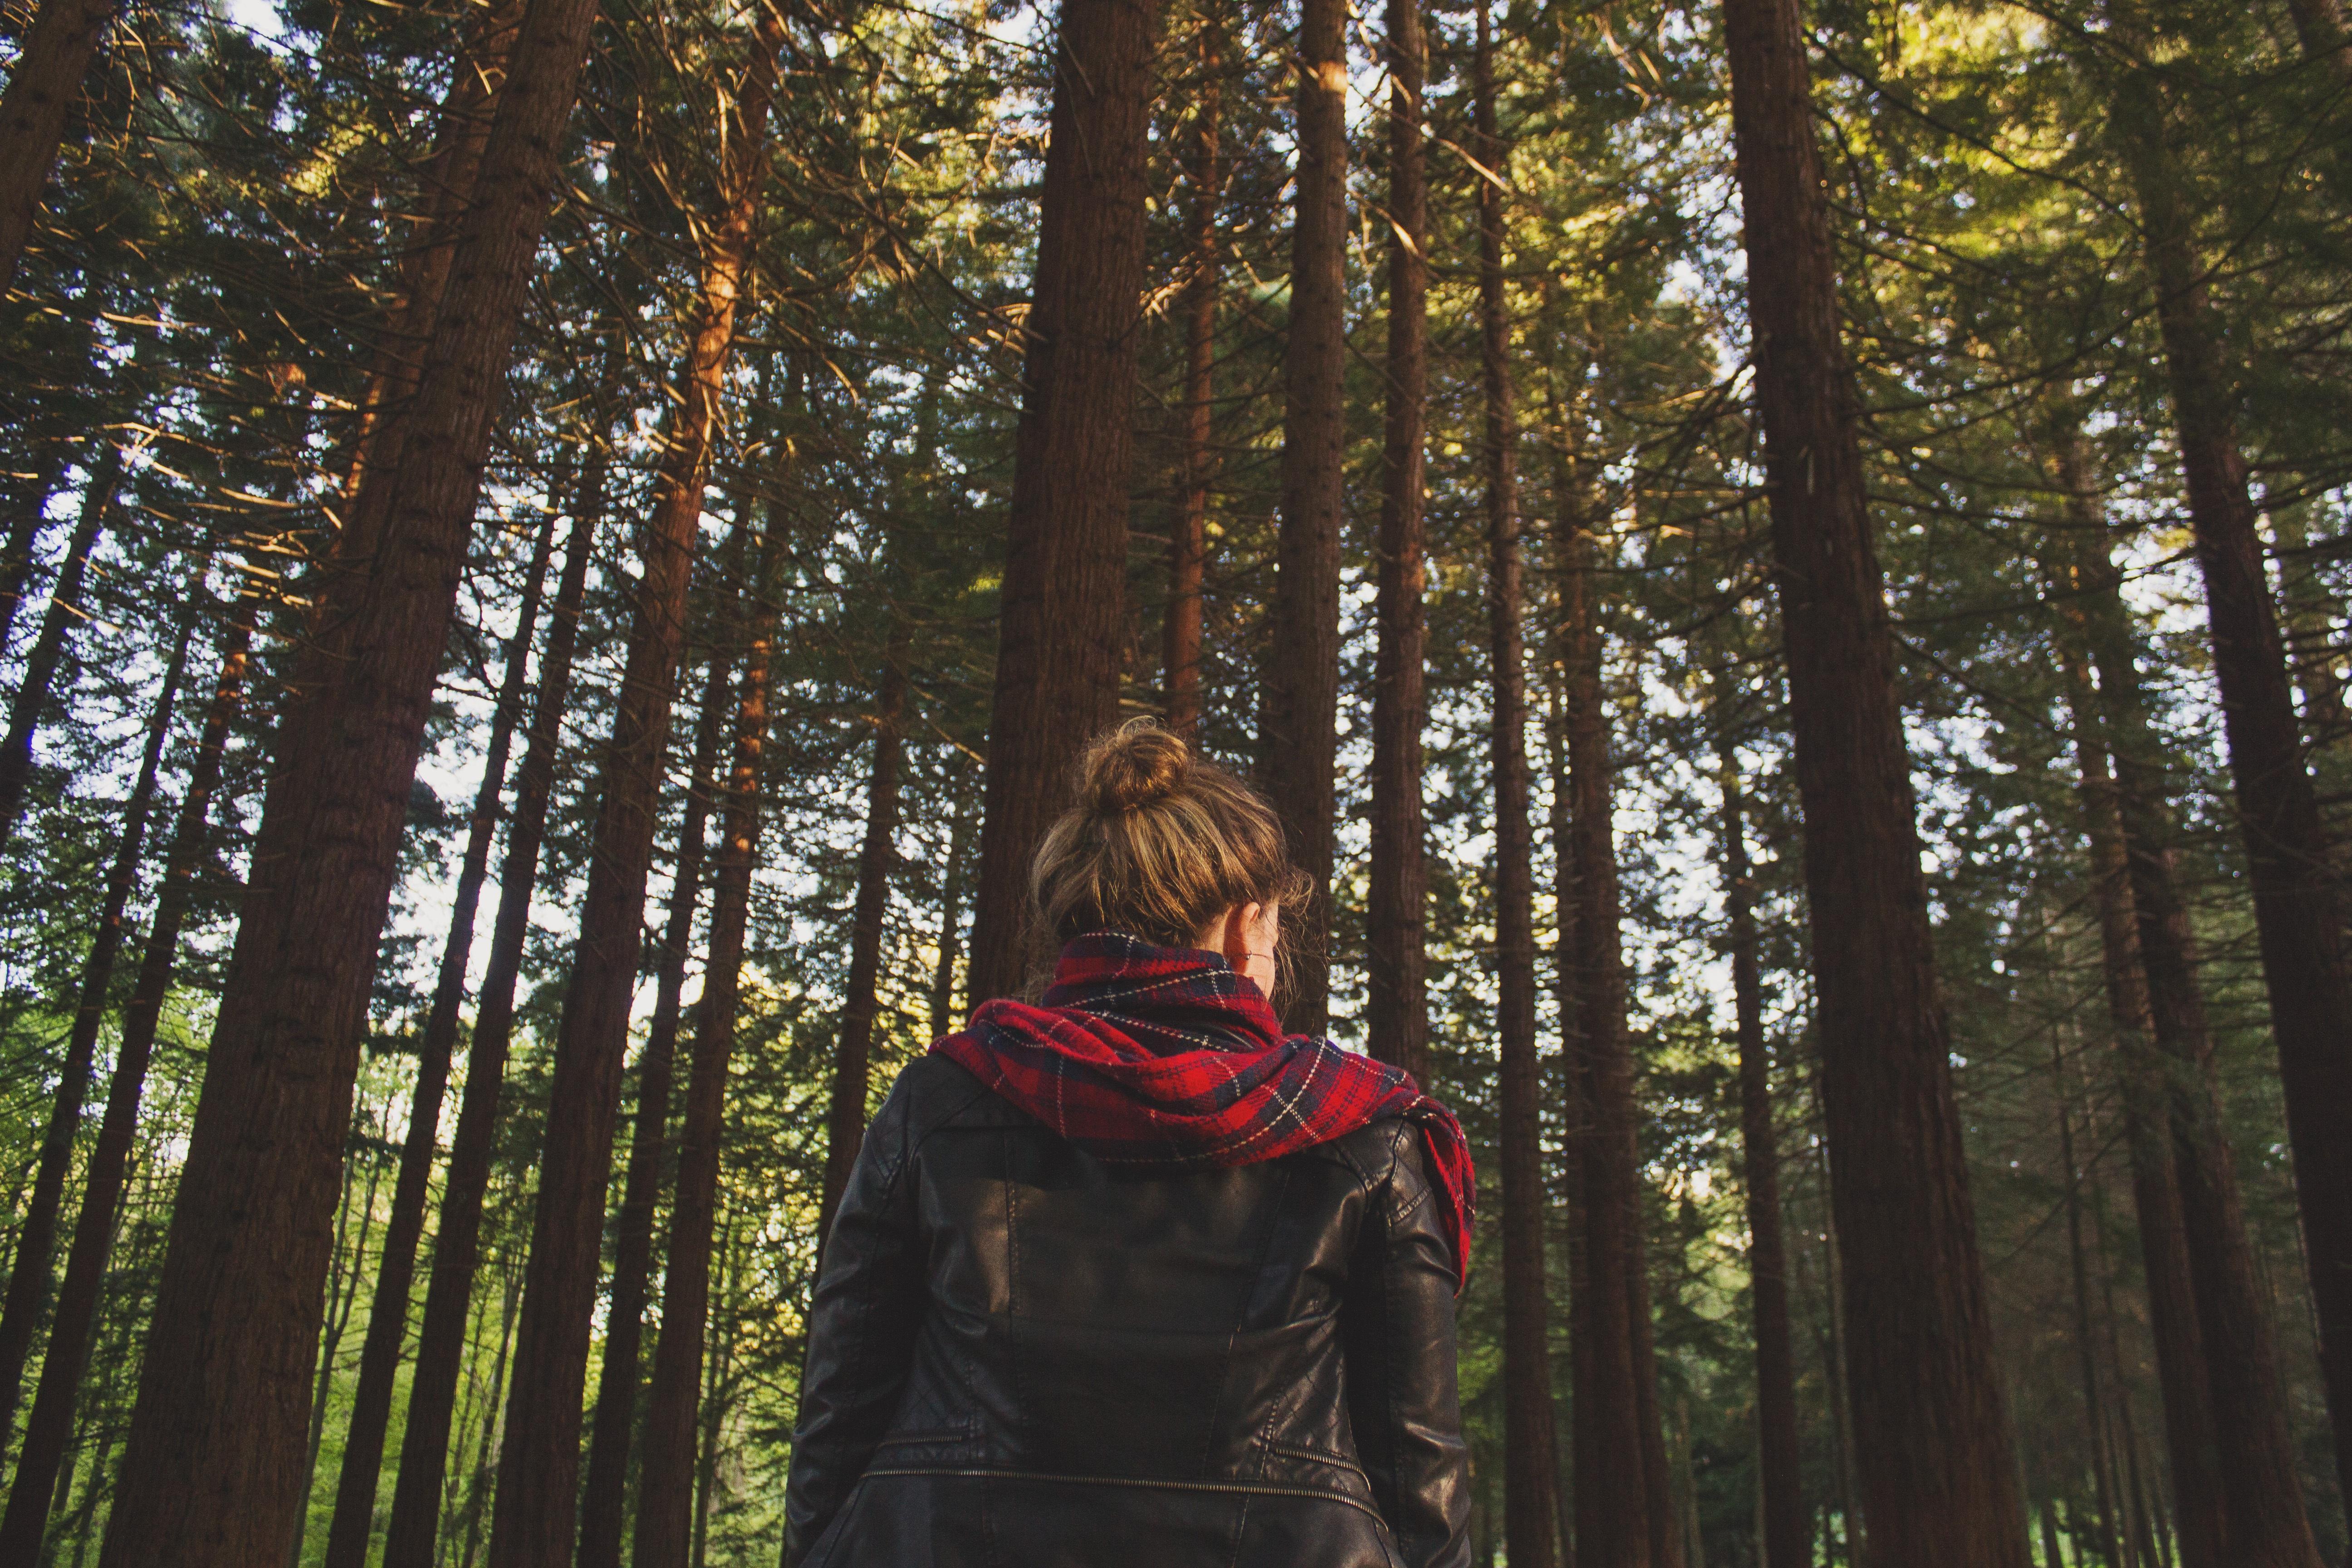 Gratis billeder : træ, natur, Skov, udendørs, ødemark, person, pige, kvinde, læder, sollys, blad ...